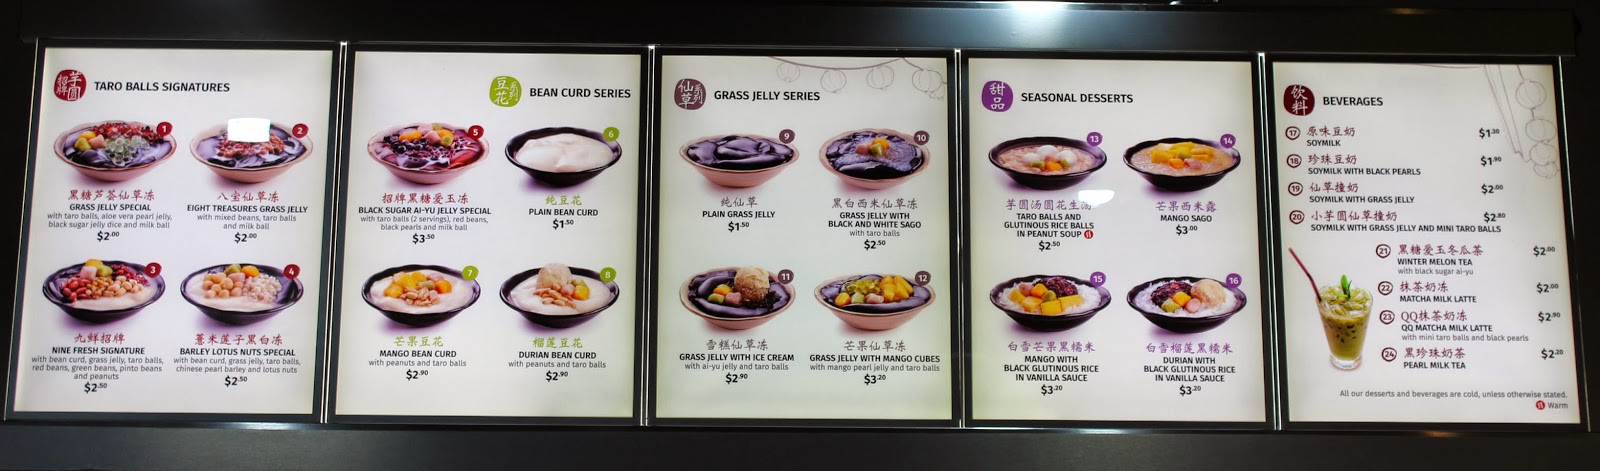 Đến Singapore đừng quên tìm đến cửa hàng tráng miệng Nine Fresh để thưởng thức những phần chè thảo mộc thanh mát - Ảnh 3.